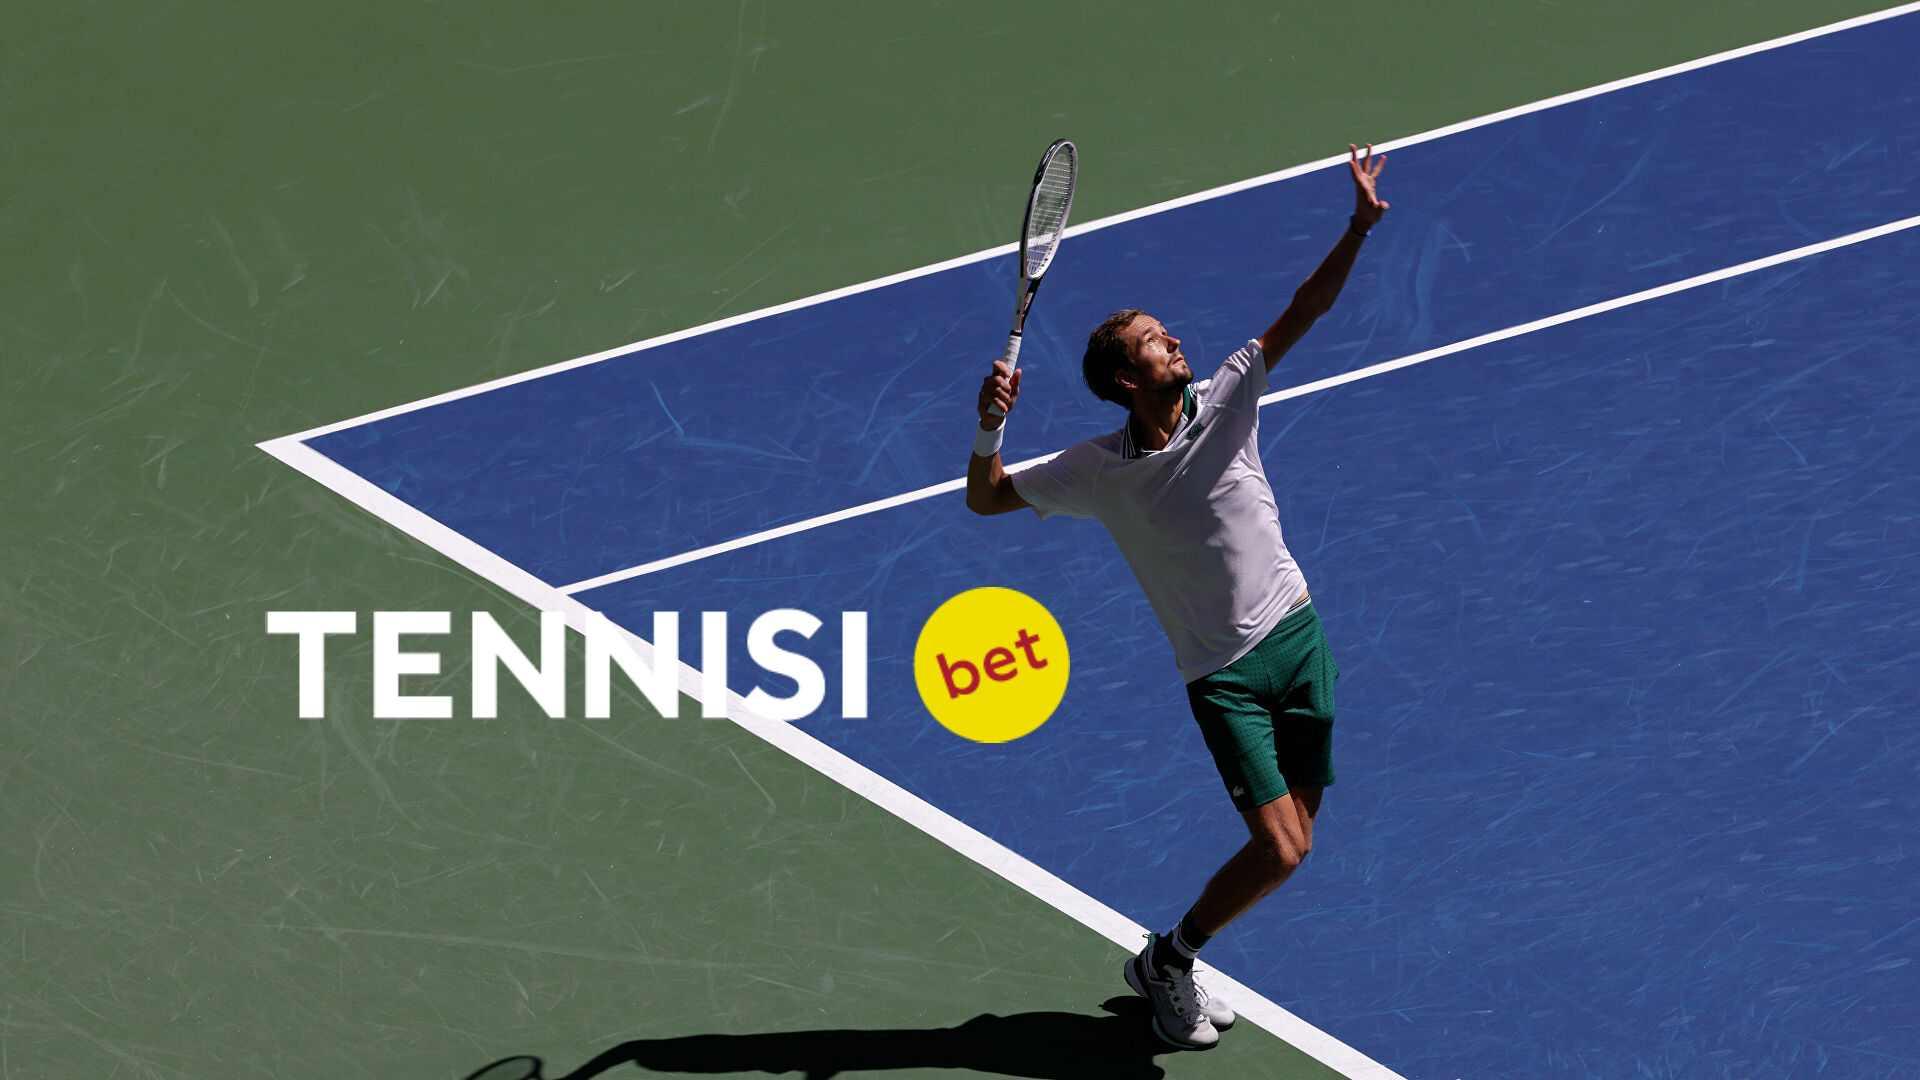 Eksklyuzivnye stavki na tennis v BK Tennisi bet